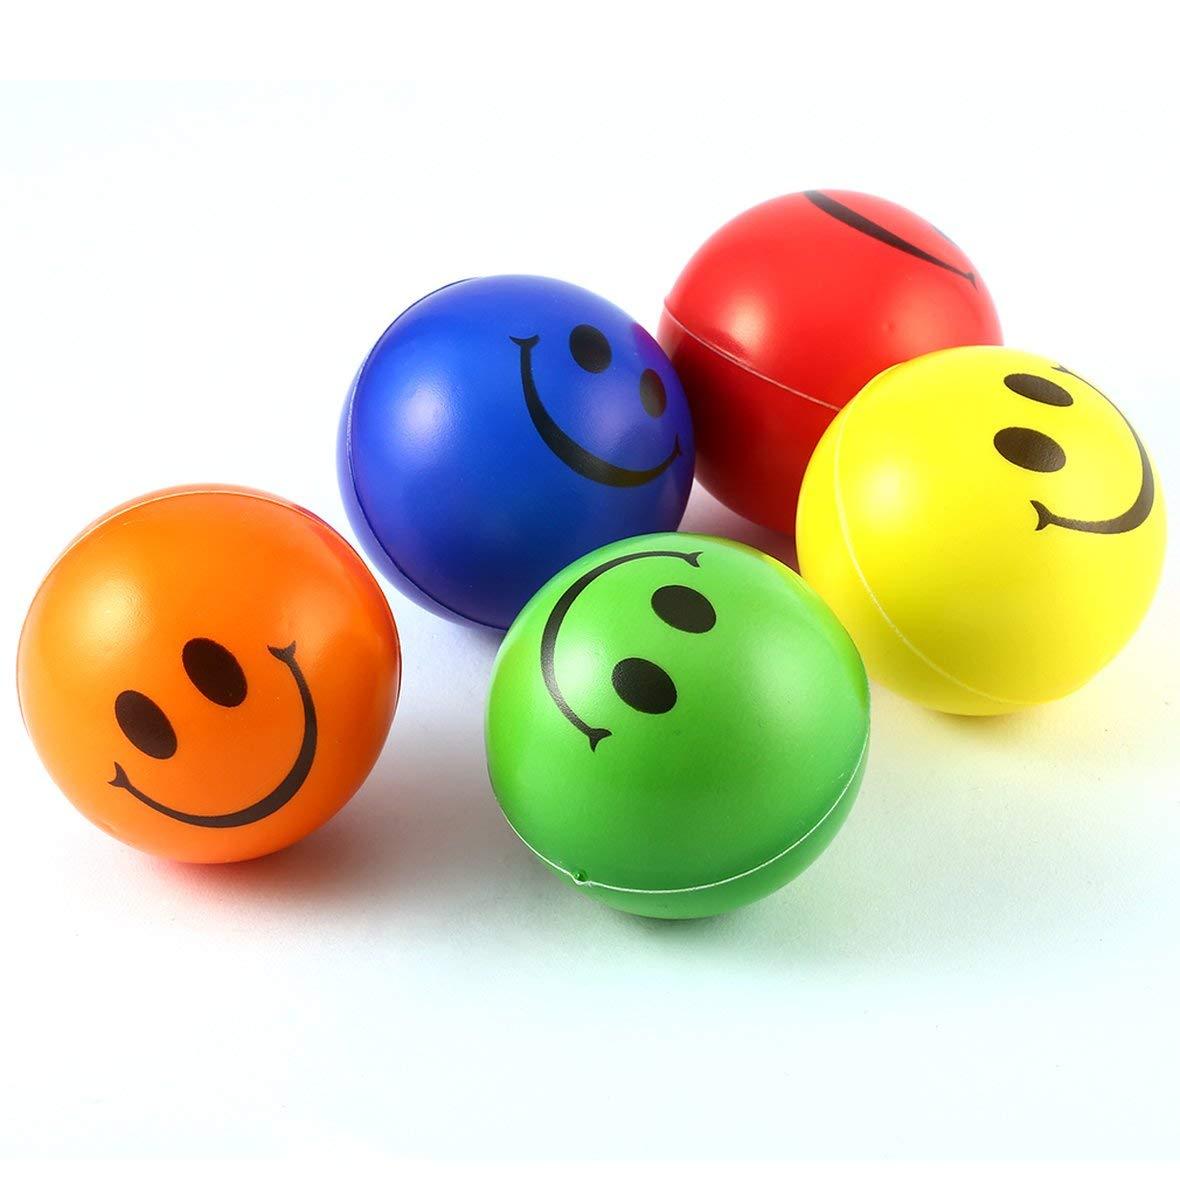 Heaviesk 12 UNIDS Sonrisa Cara Estr/és Alivio Esponja Bolas de Espuma Fuerza de la Mano Apret/ón de Bola Ni/ños Adultos Mano Ejercicio Pelotas de Juguete Color al Azar